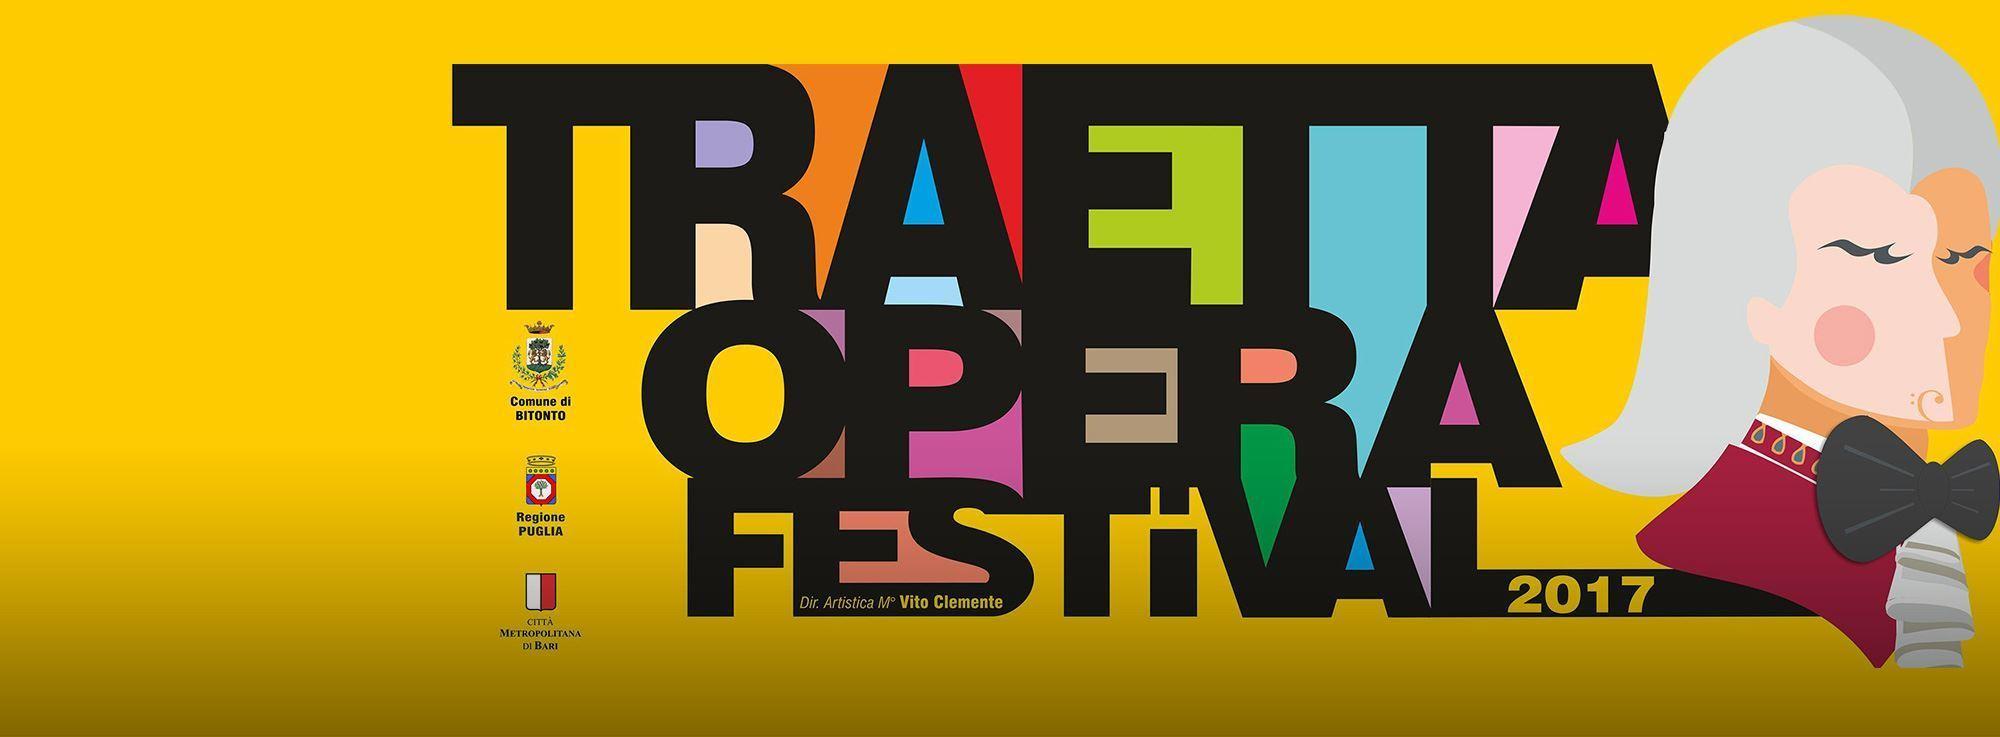 Bitonto: Traetta Opera Festival XIII edizione